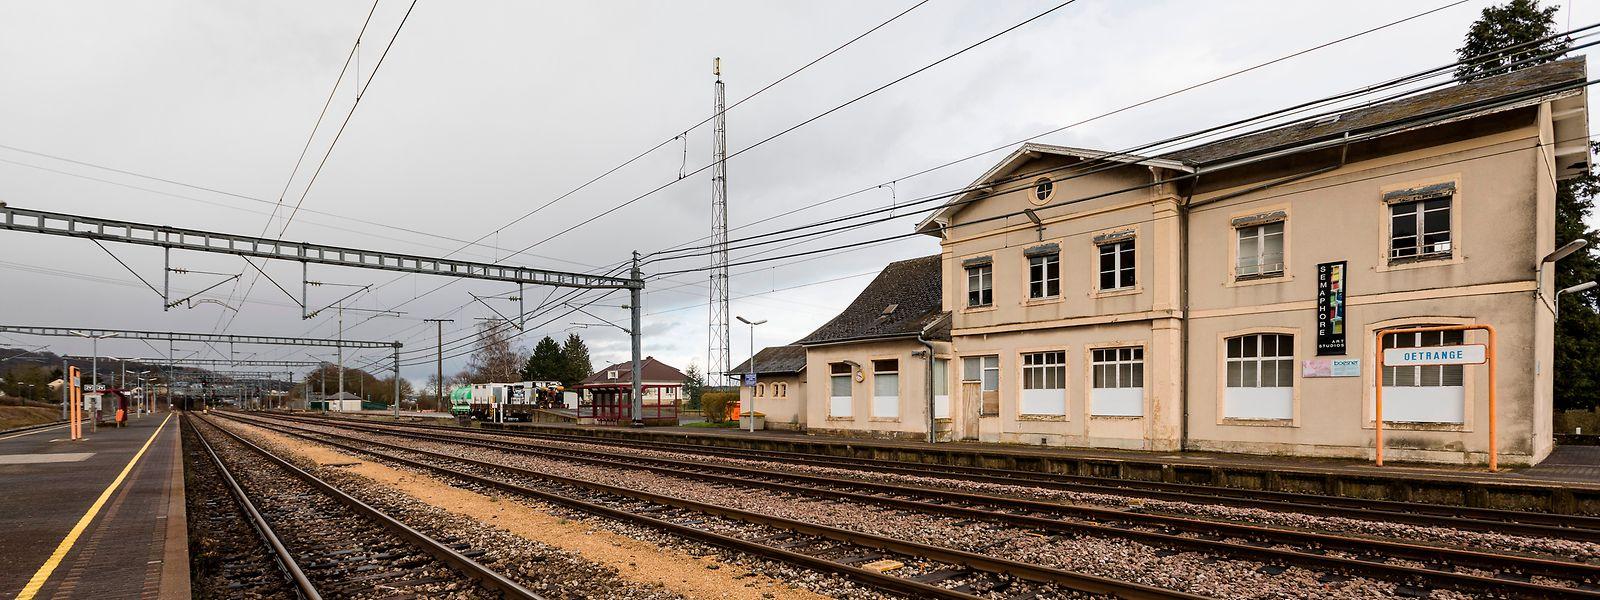 Am Bahnhof in Oetringen wurden vor einem Monat zwei CFL-Mitarbeiter brutal angegriffen.